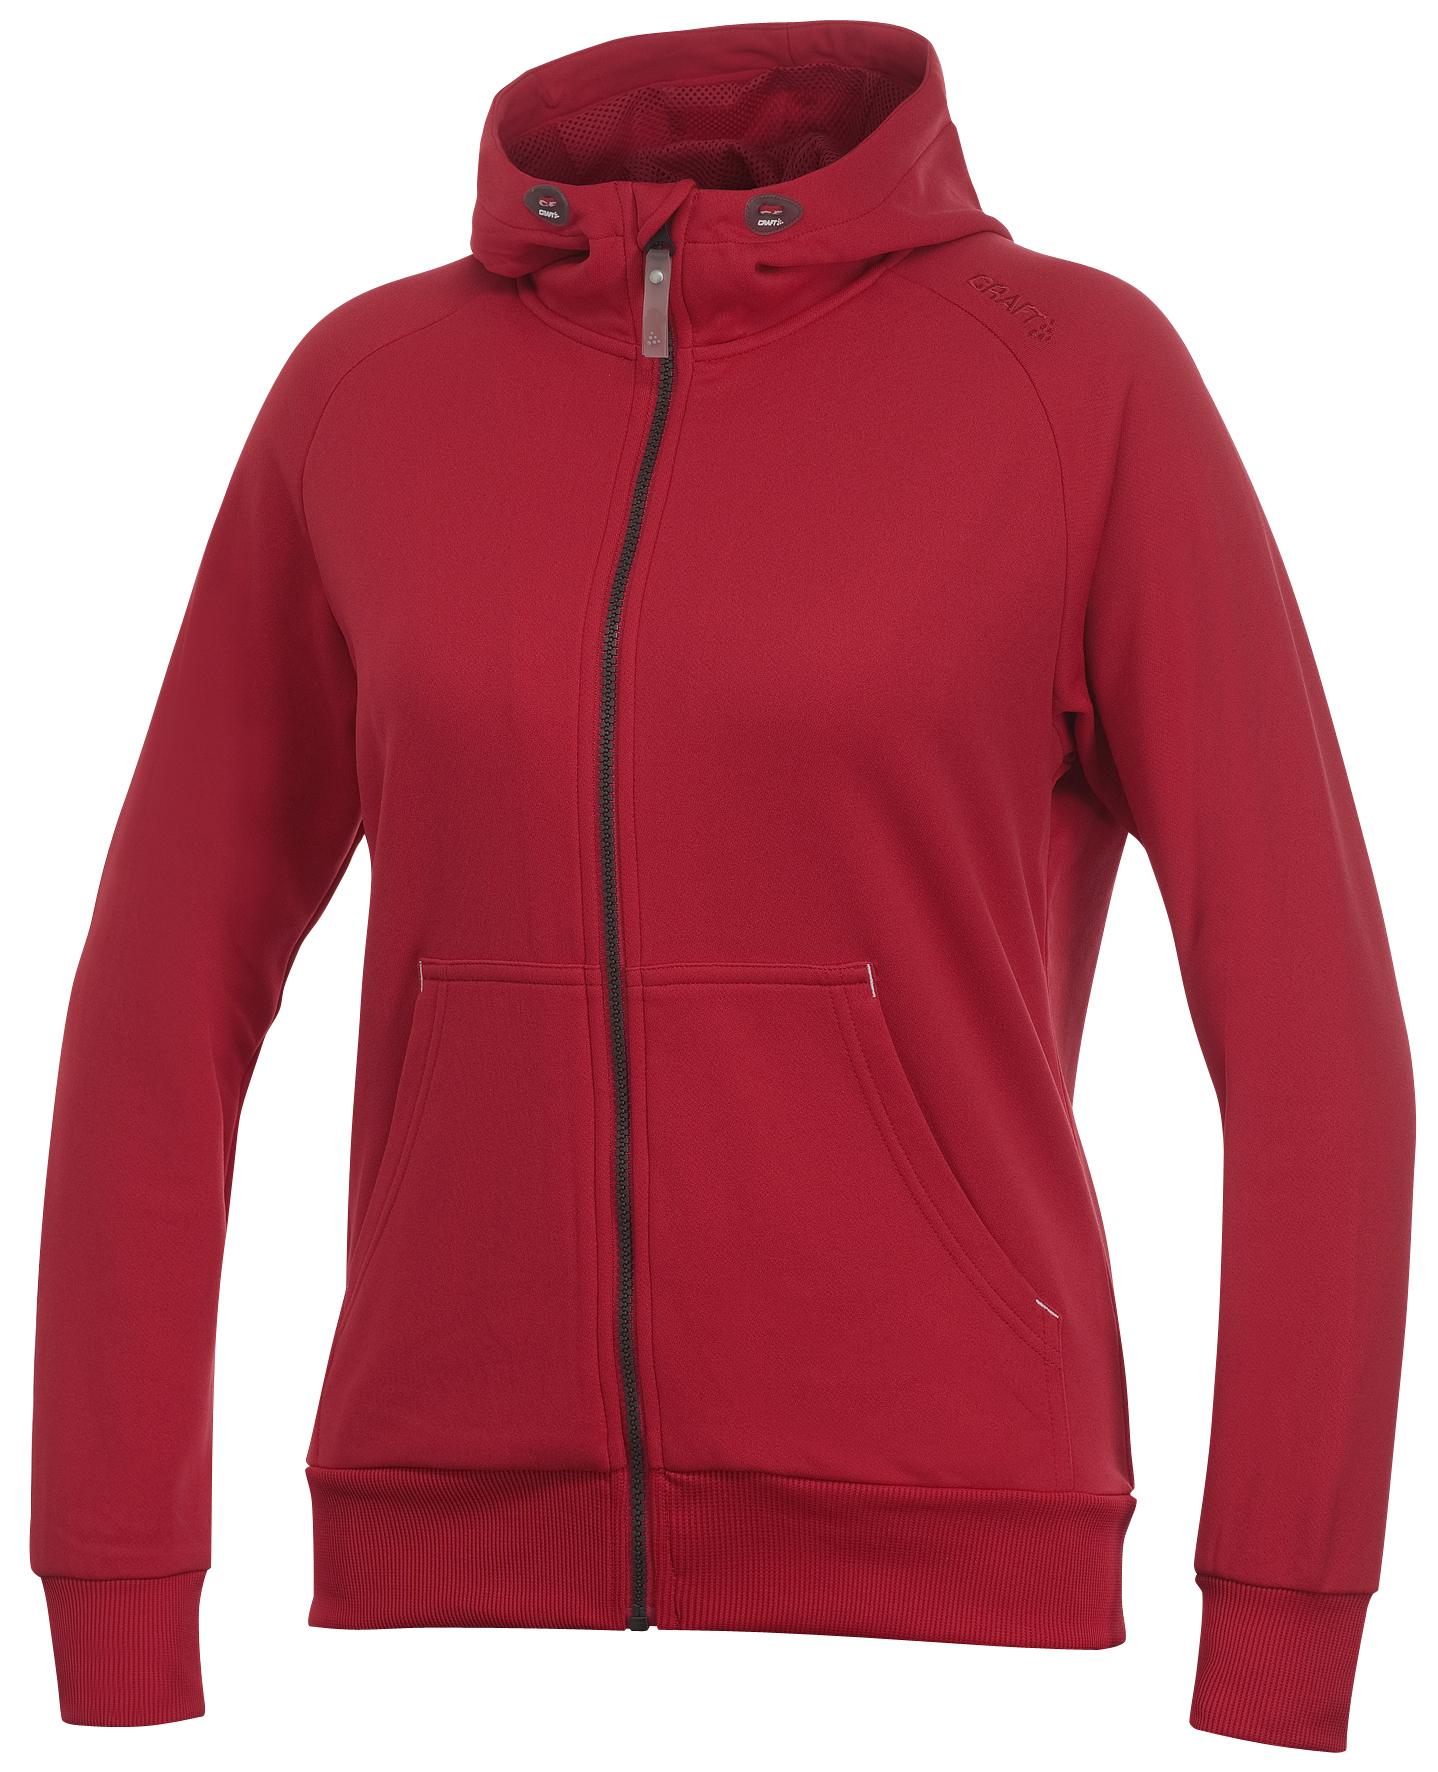 192477-1430 Толстовка Craft Flexhood женская красная